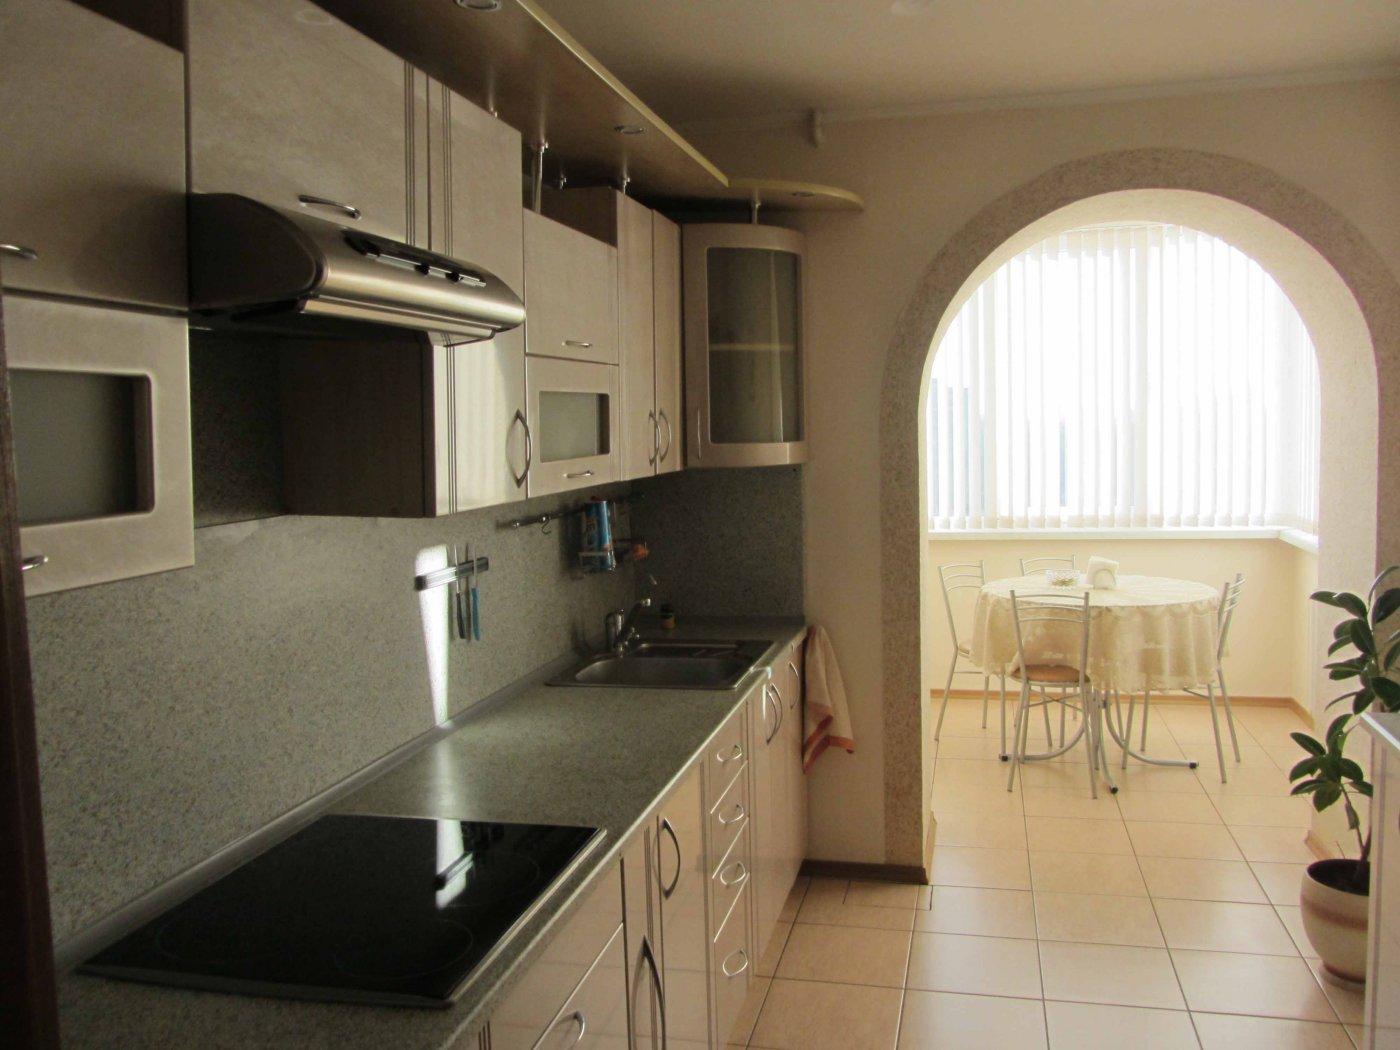 Дизайн кухни-гостиной фотографии